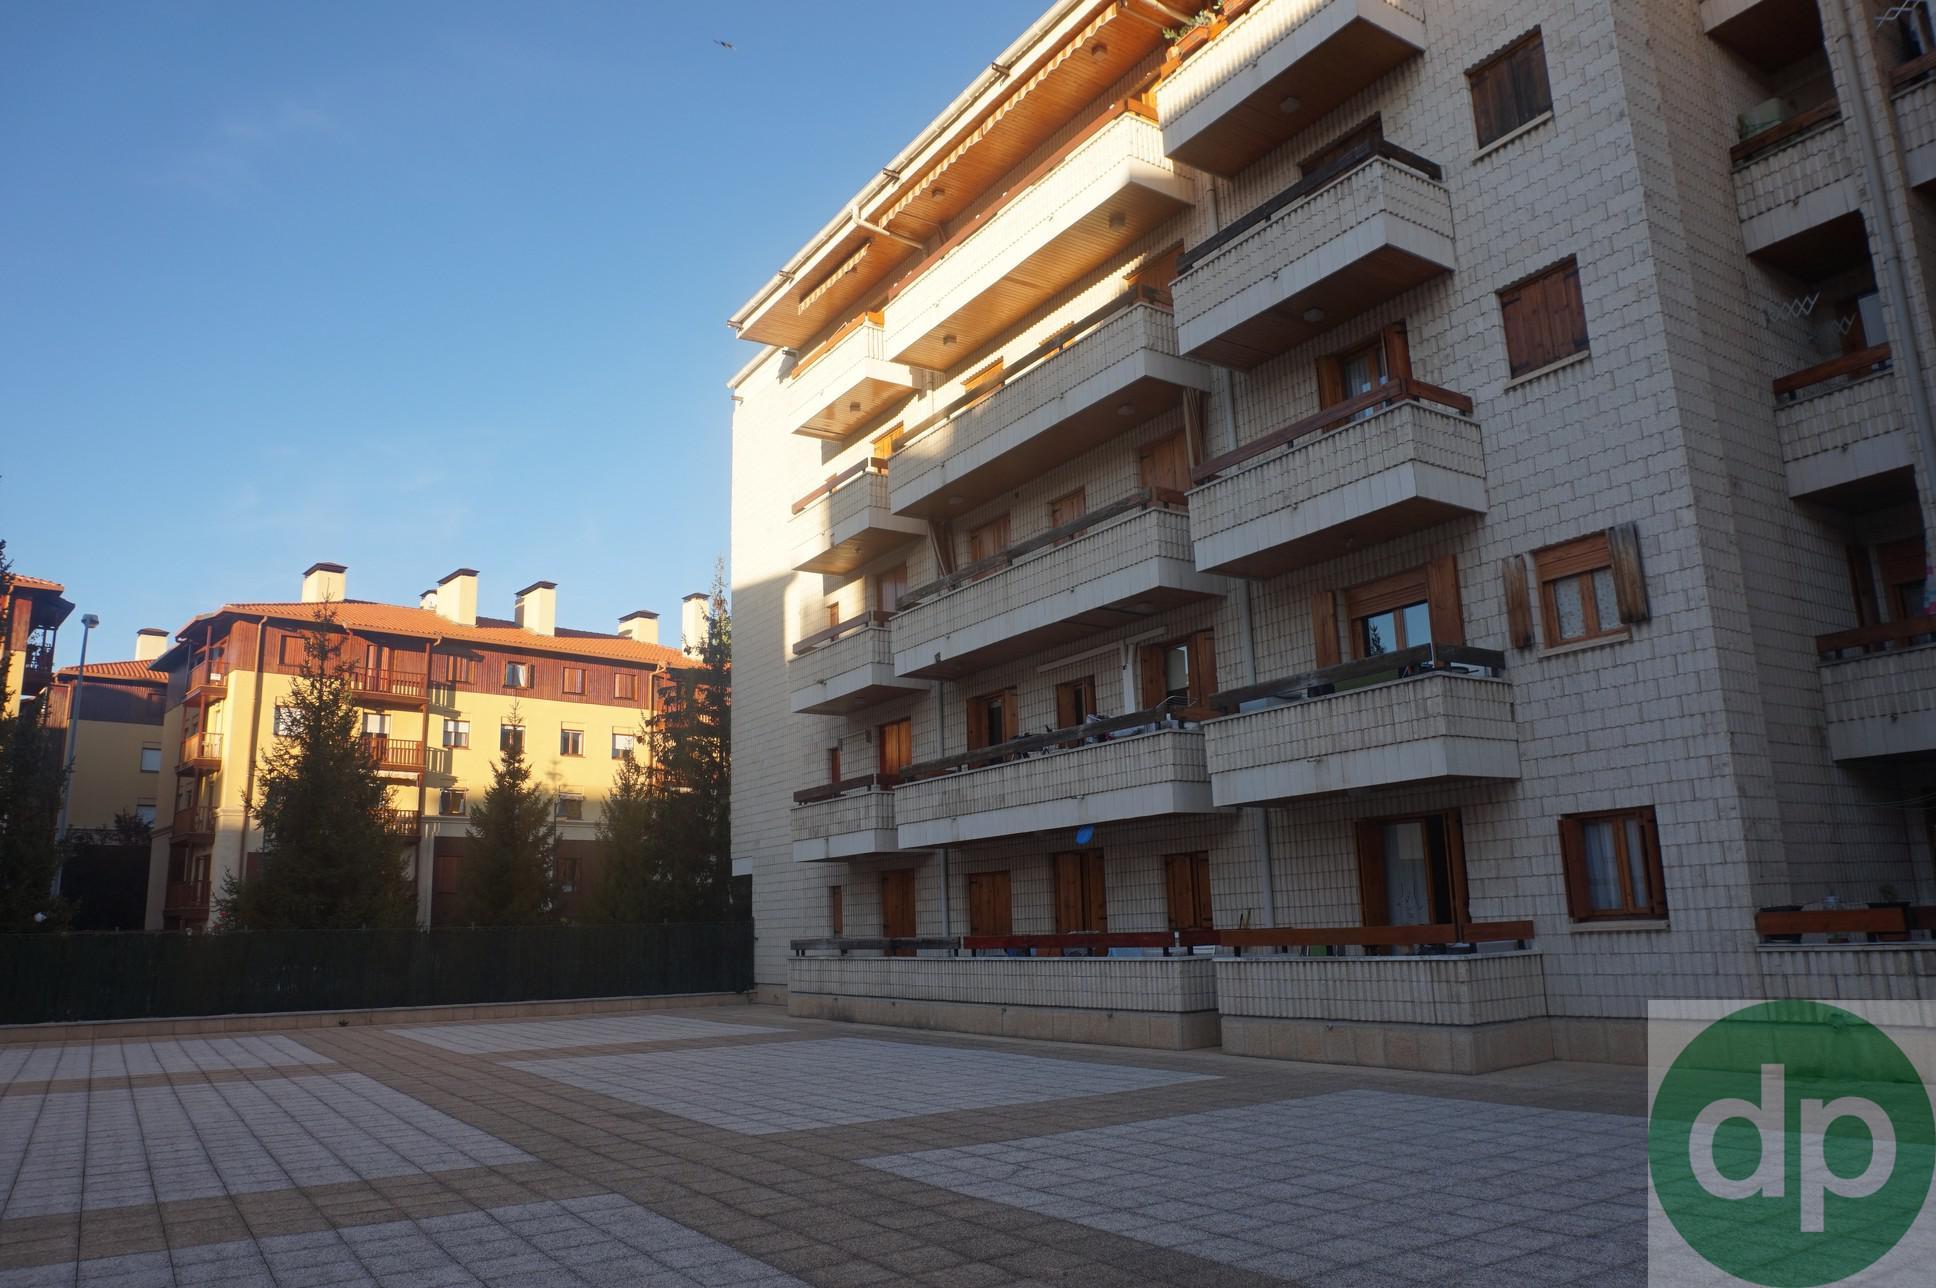 193491 - Cerca del Hotel Real